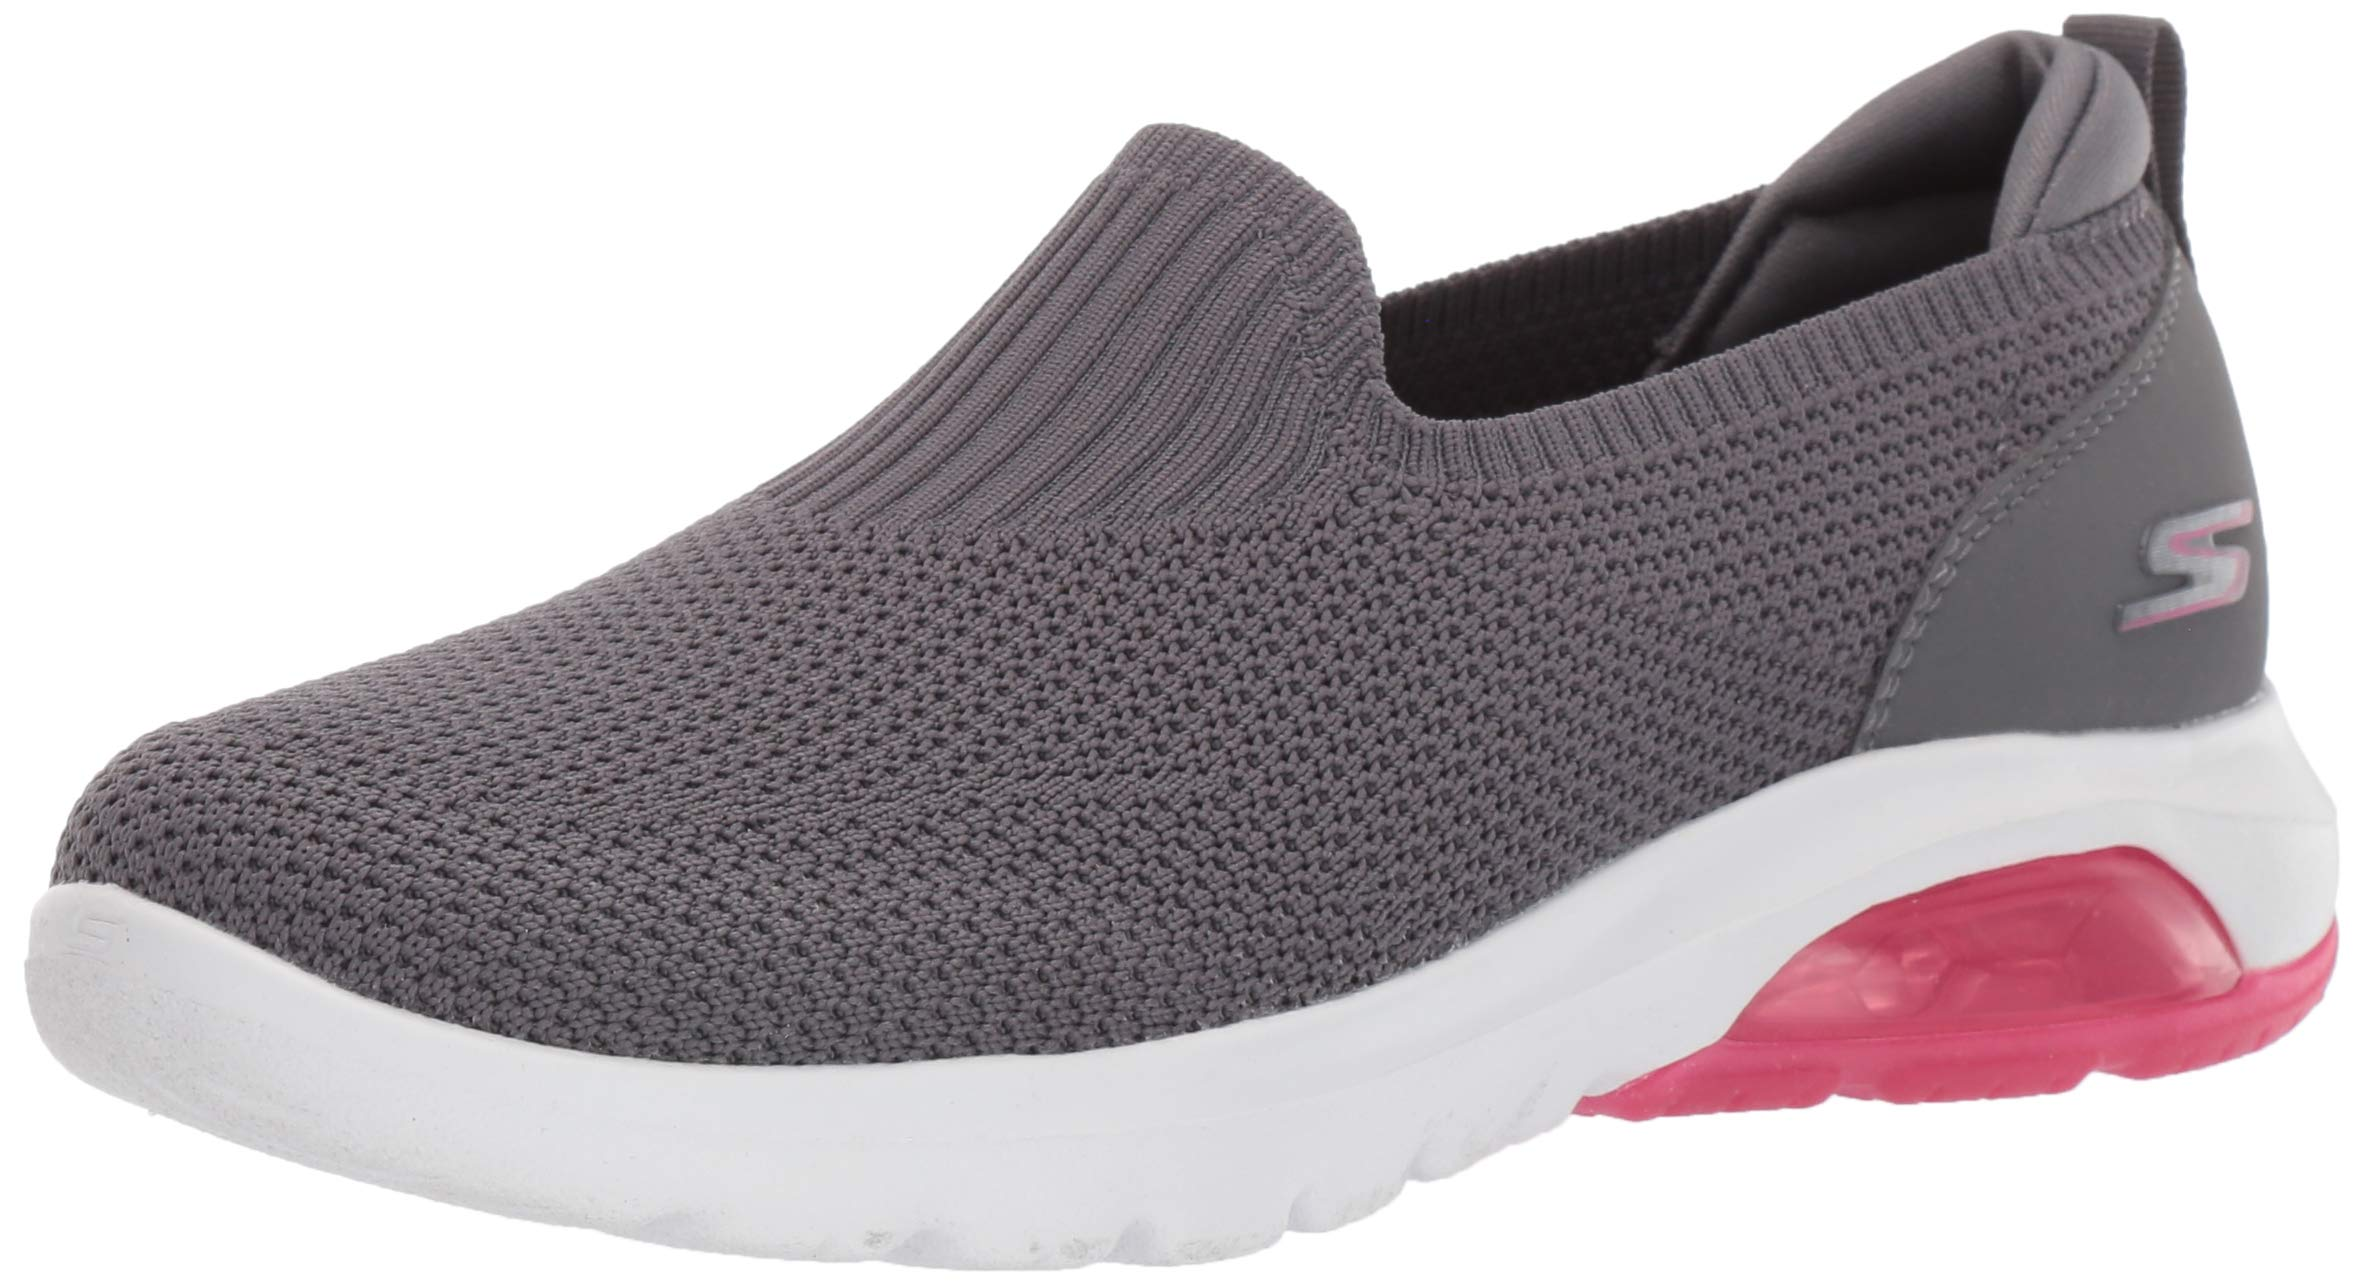 Skechers Women's Go Walk Air-16099 Sneaker